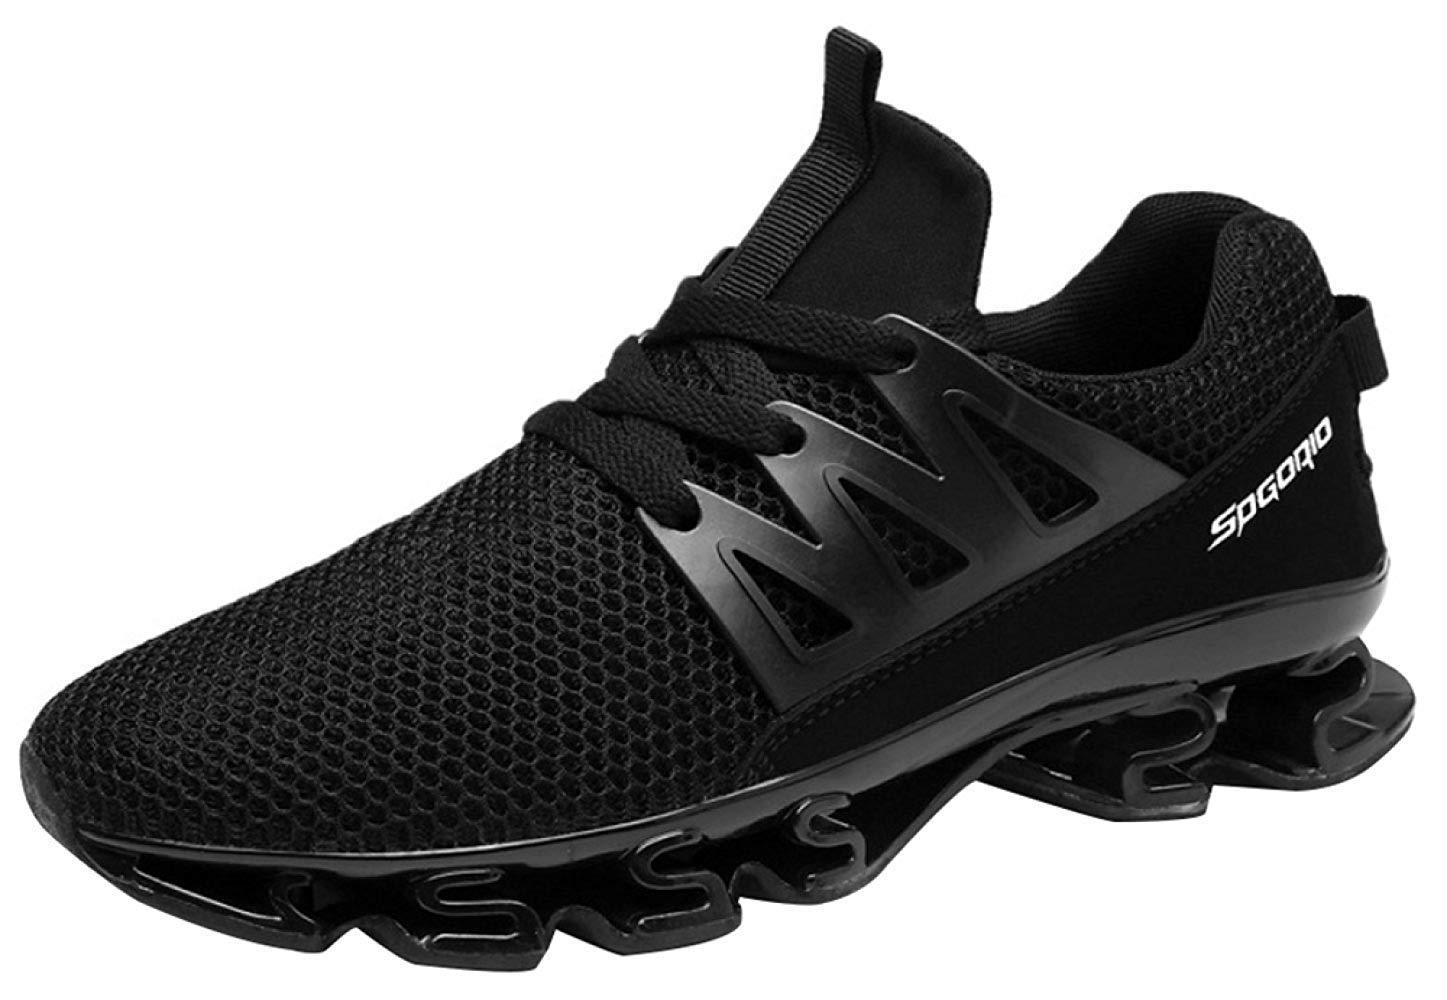 Beiläufige Gehende Turnschuhe Der Männer Beleg Auf Blatt-im Freiensport Beschuht  Laufende Schuhe (Farbe  Beschuht  13, Größe   42EU) af2d84